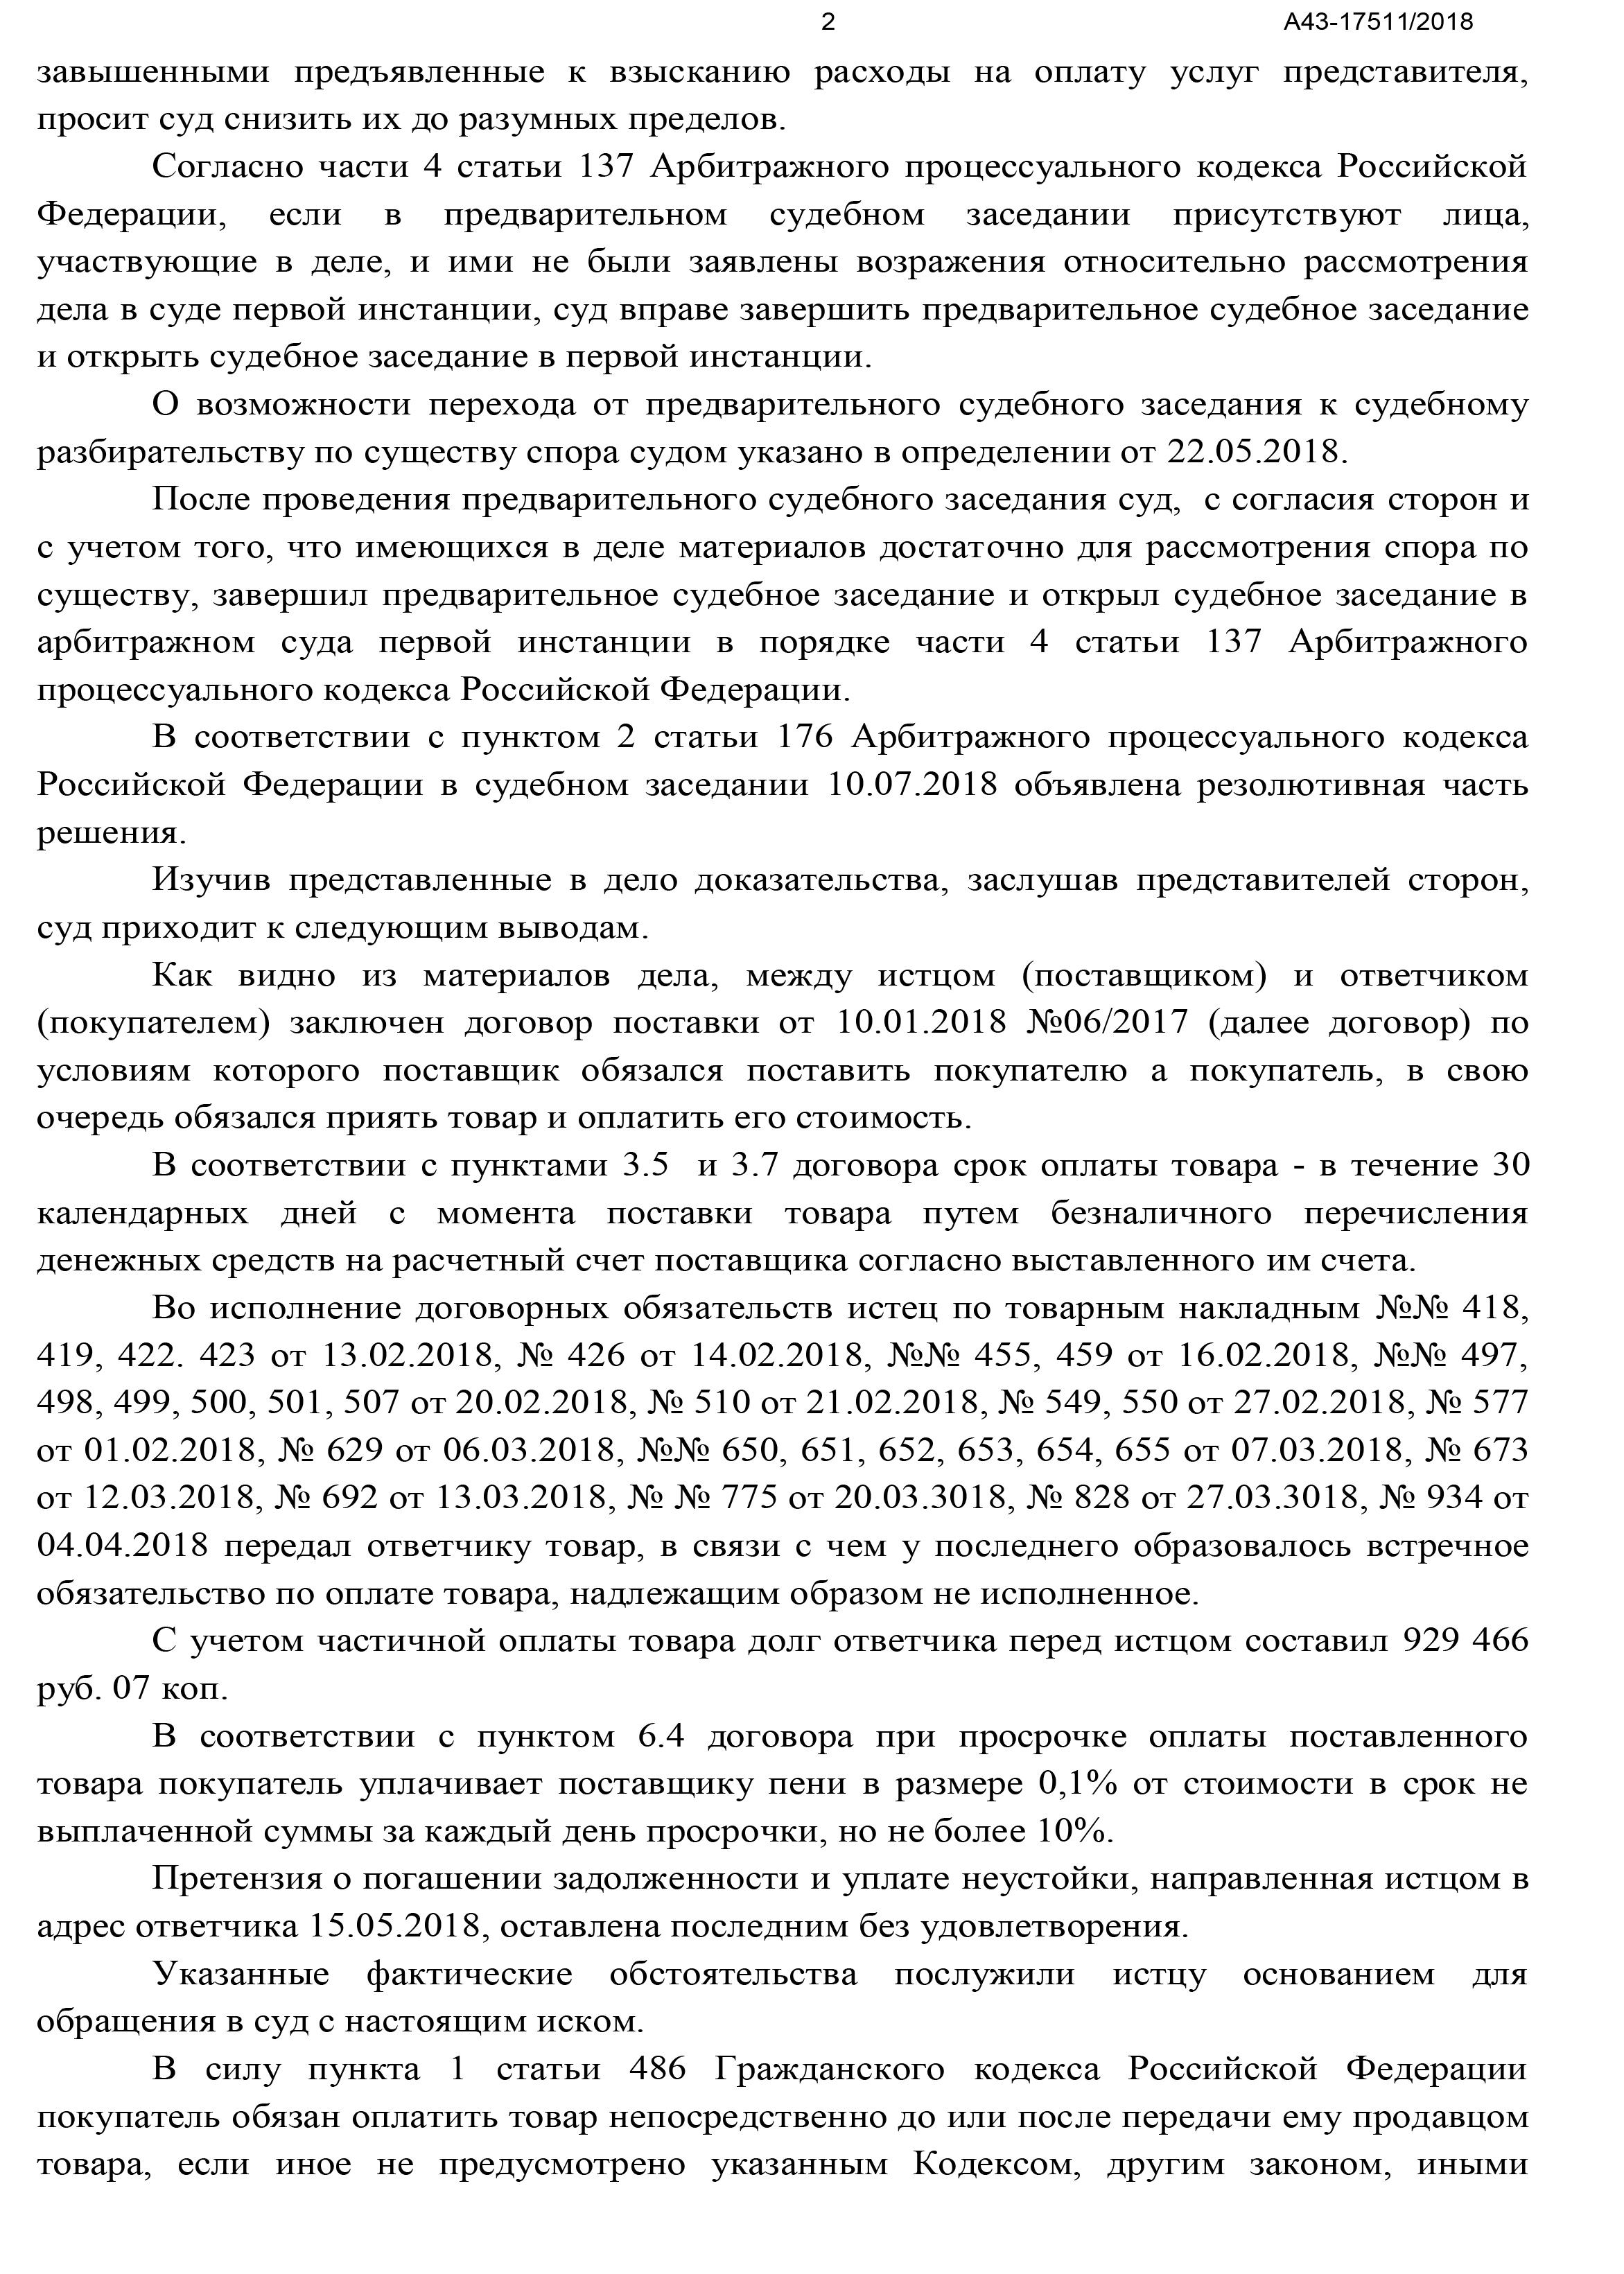 Взыскание долга на 1 079 466 руб.